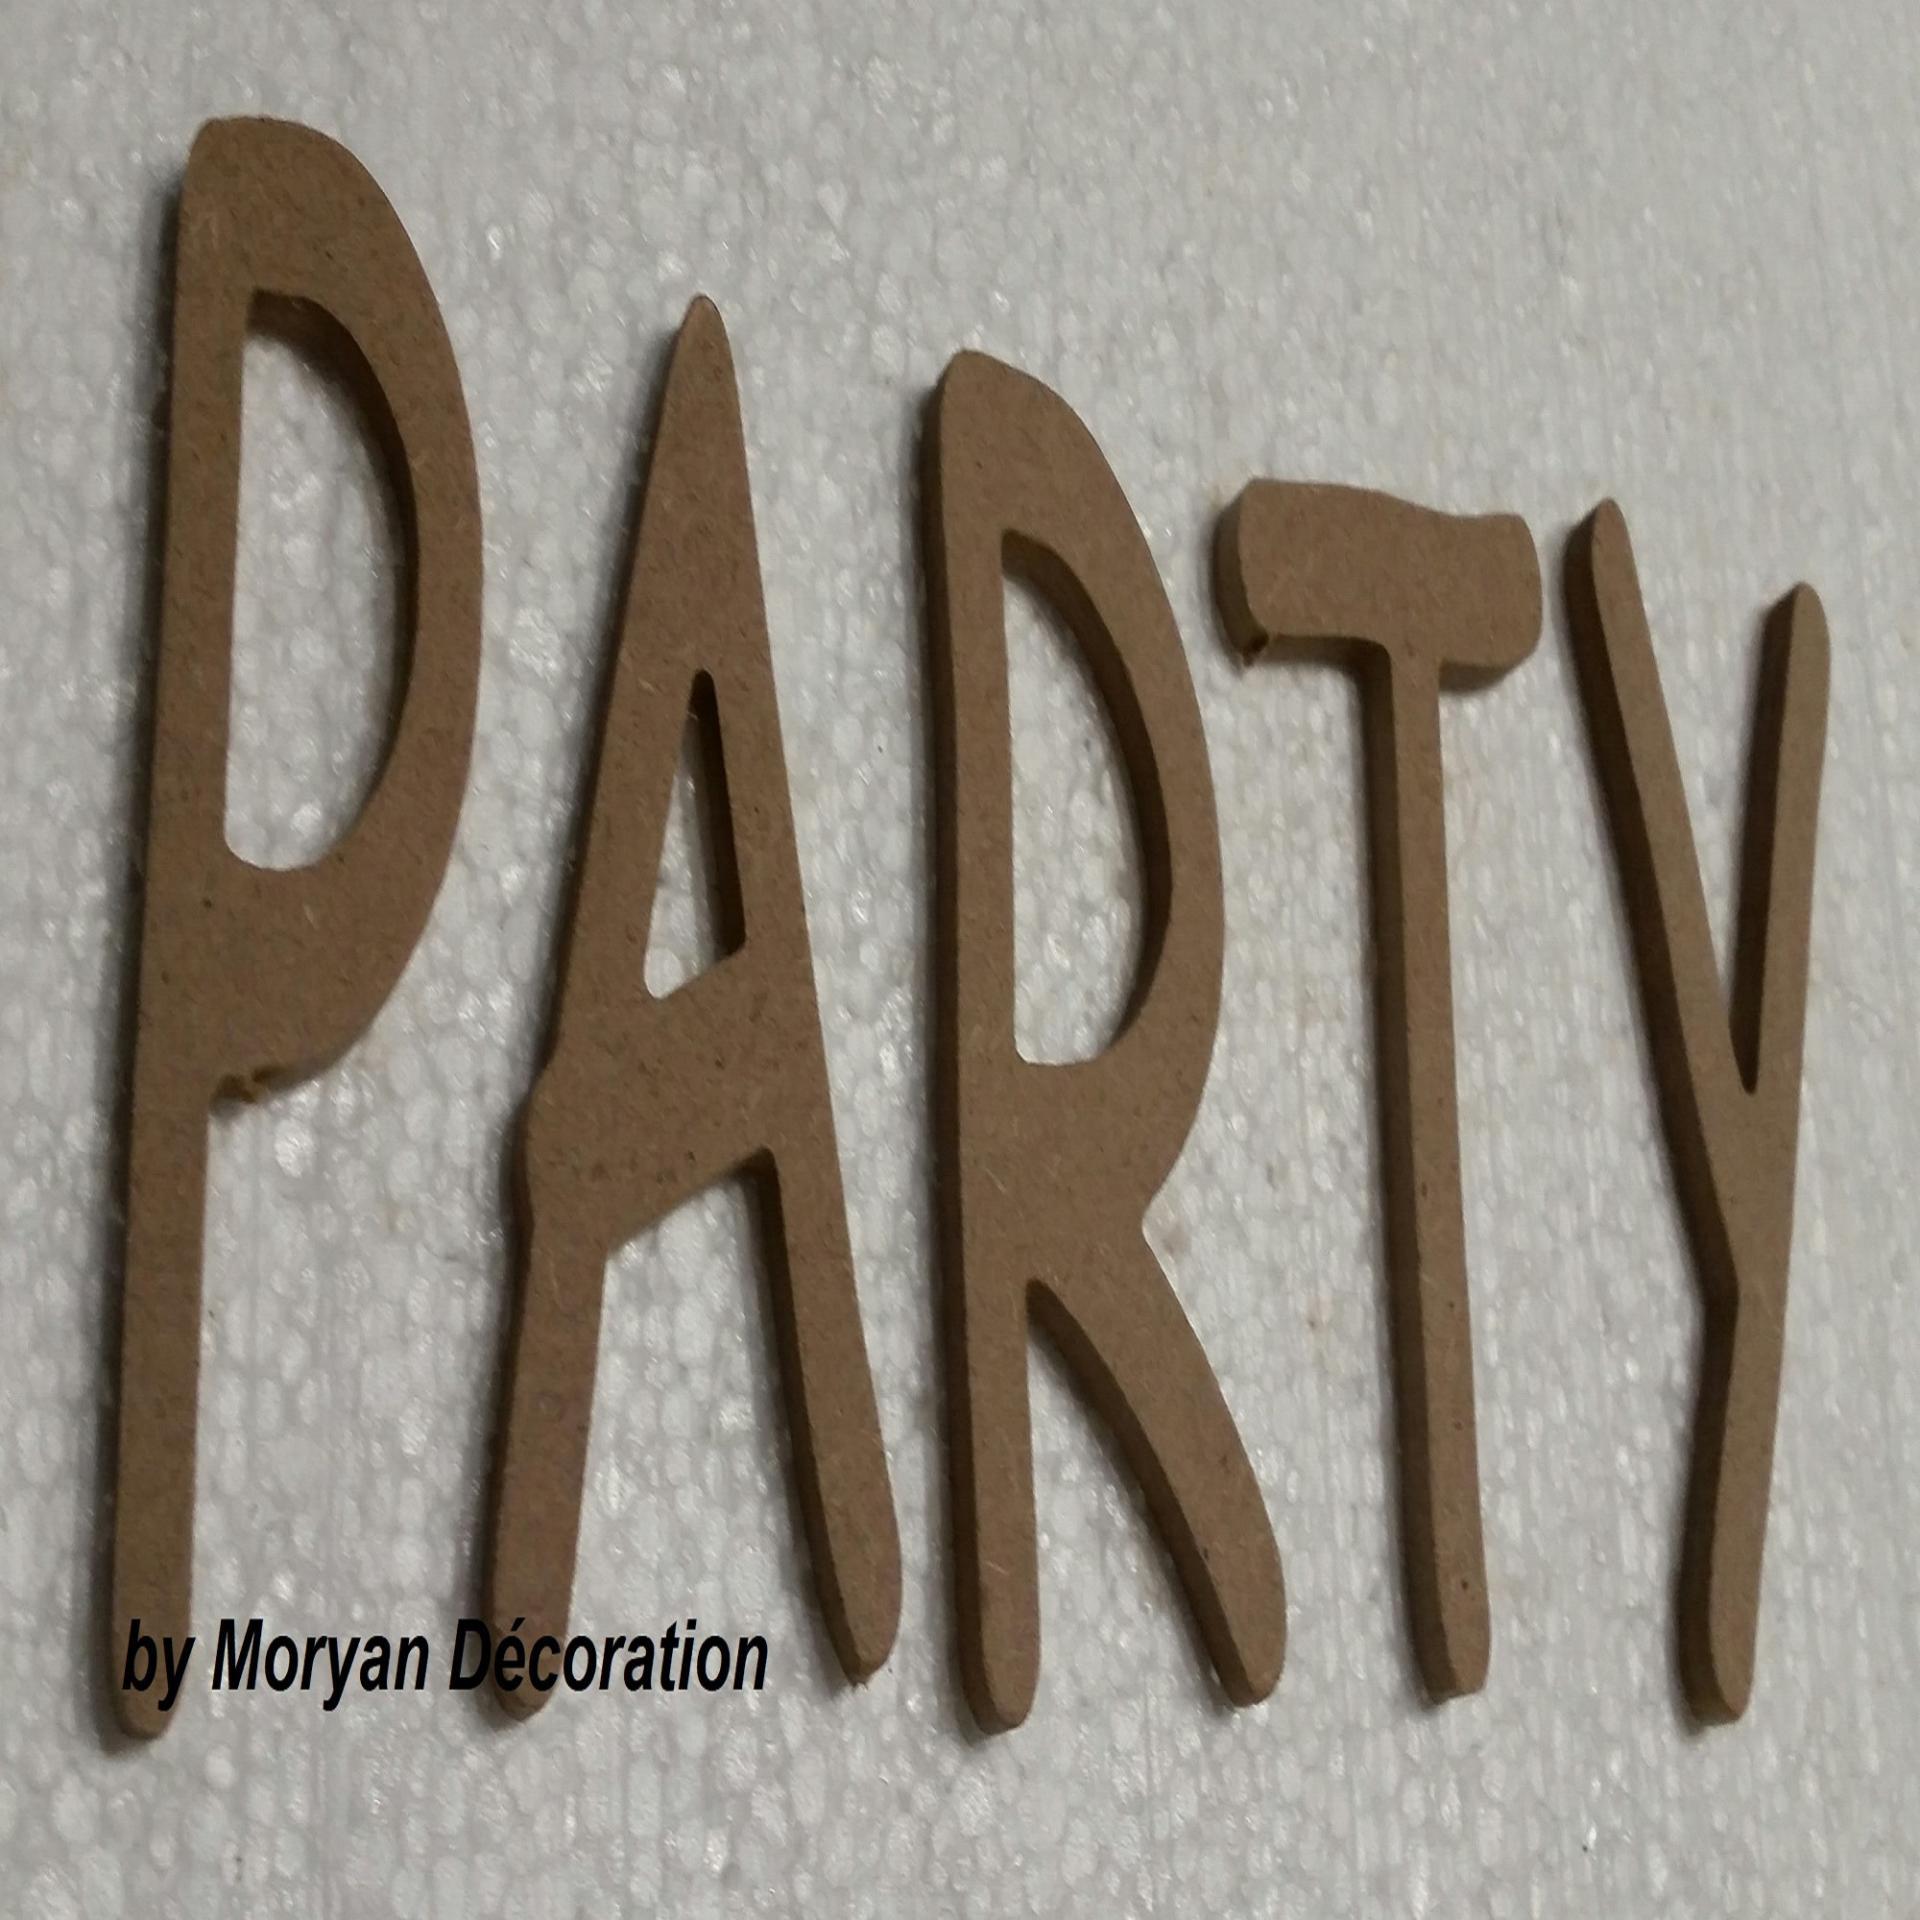 Lettres decoratives en bois a peindre ou a decorer party